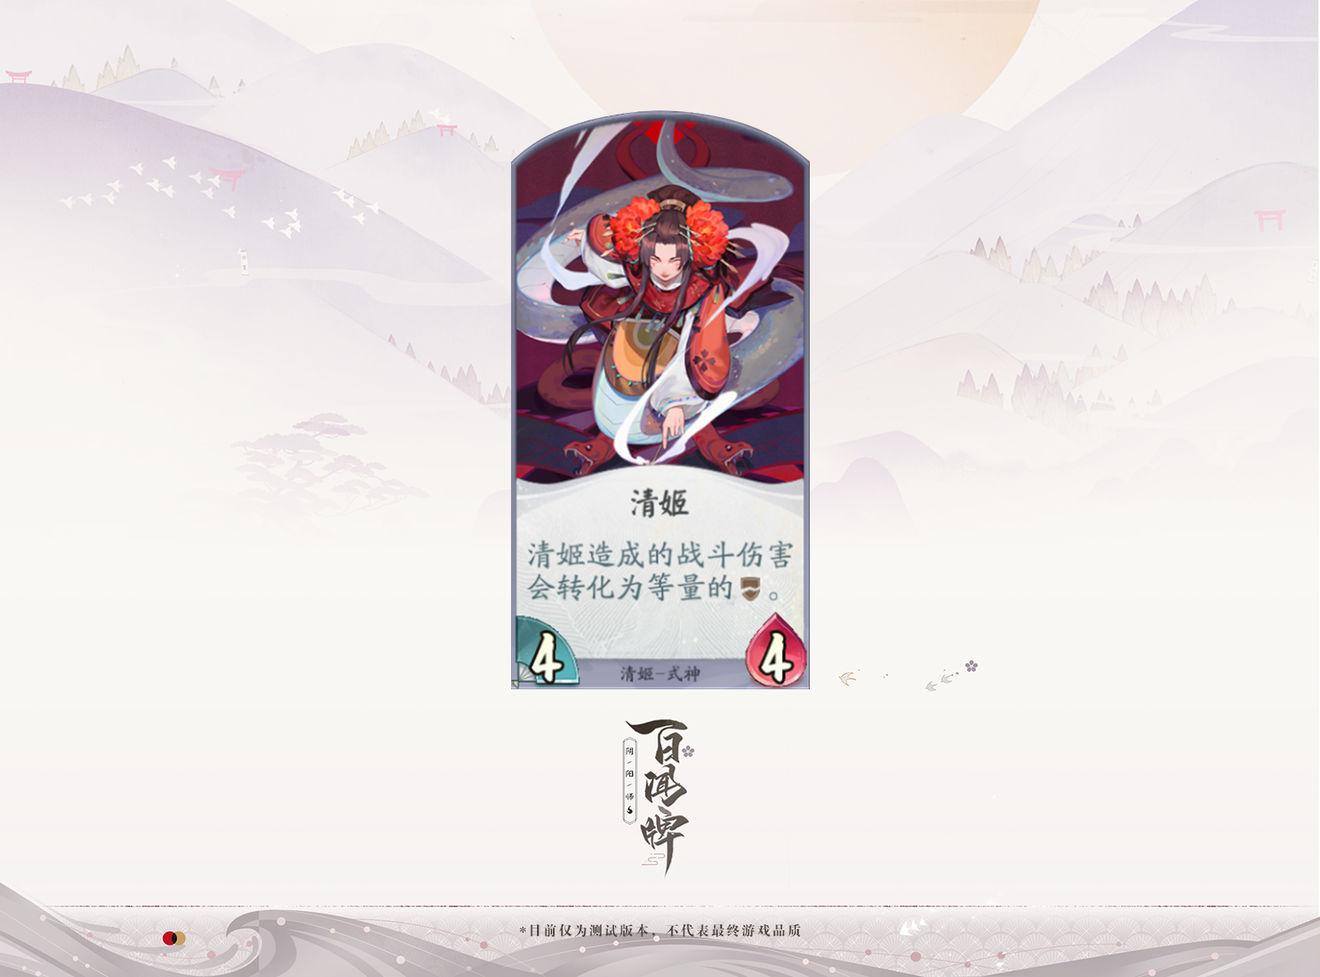 阴阳师百闻牌清姬式神介绍 清姬卡组详解及卡面分享